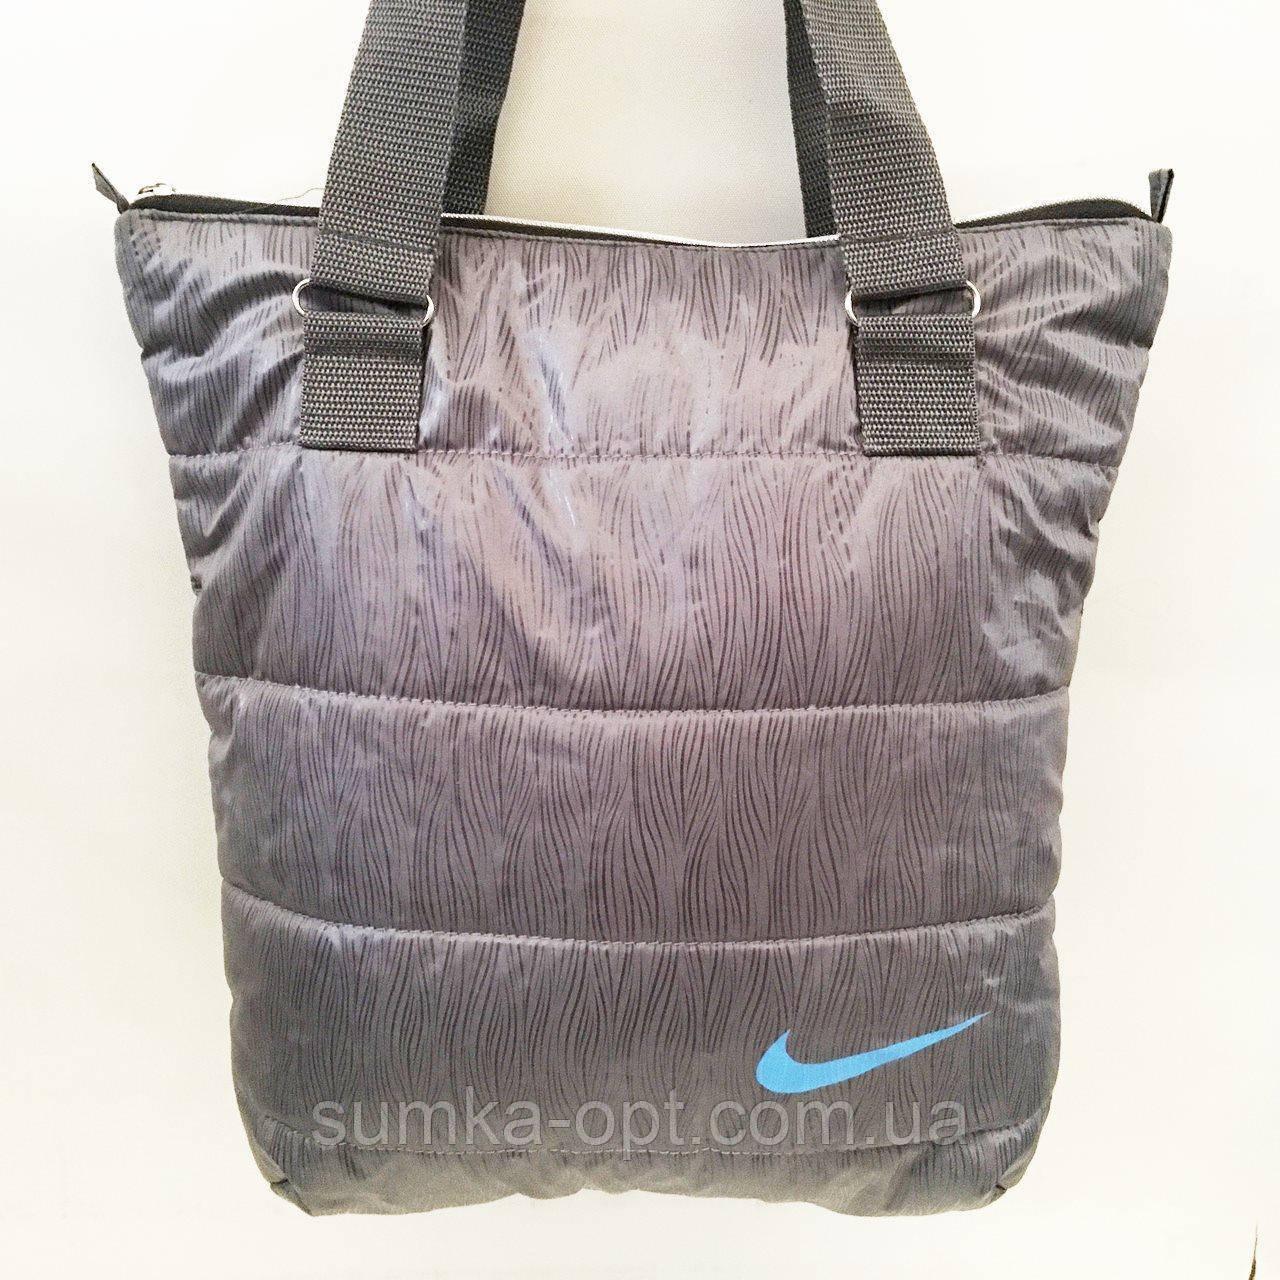 Дутые СПОРТИВНЫЕ сумки под пуховик Nike (СЕРЫЙ-ГОЛУБОЙ)34*35см